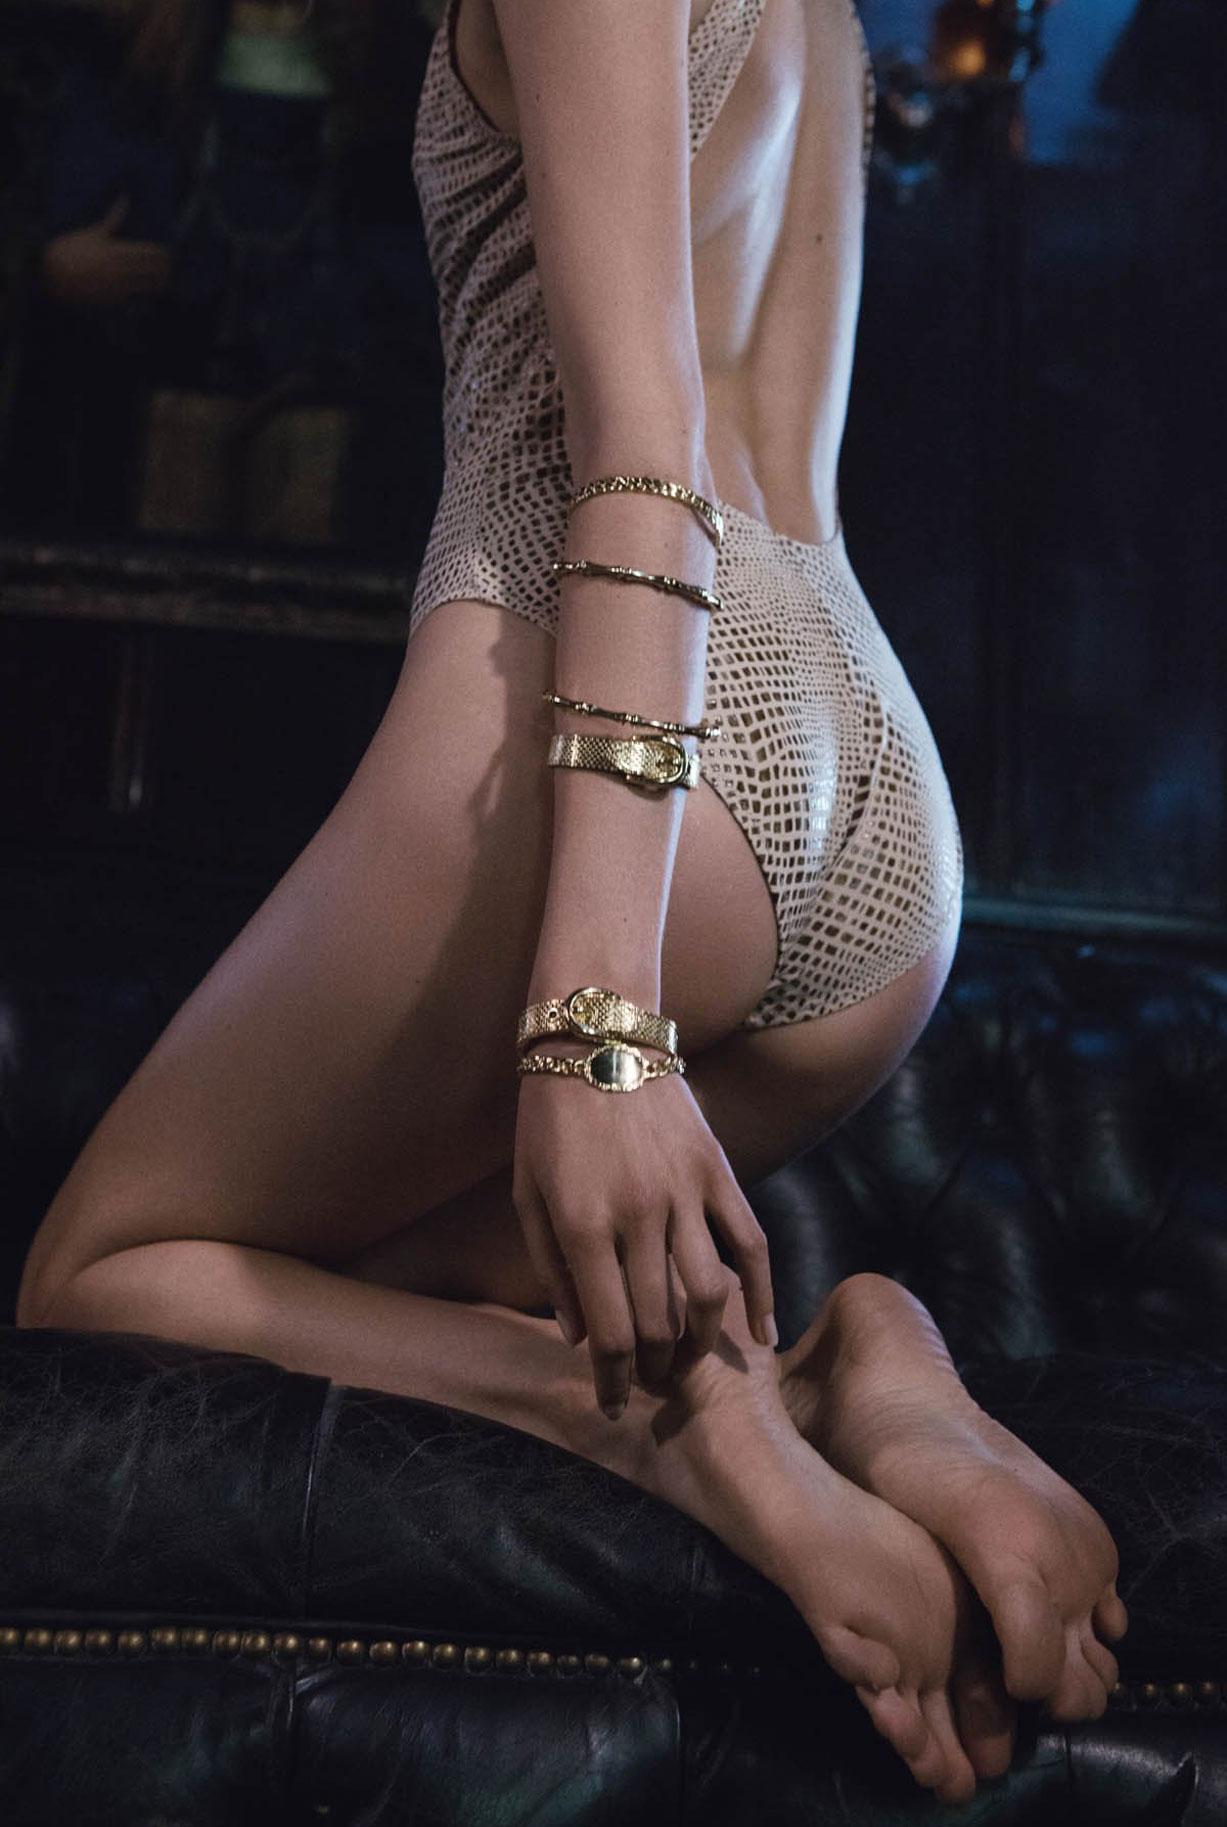 Жужу Иванюк в рекламной кампании одежды и драгоценностей модного бренда Vanessa Mooney / фото 05